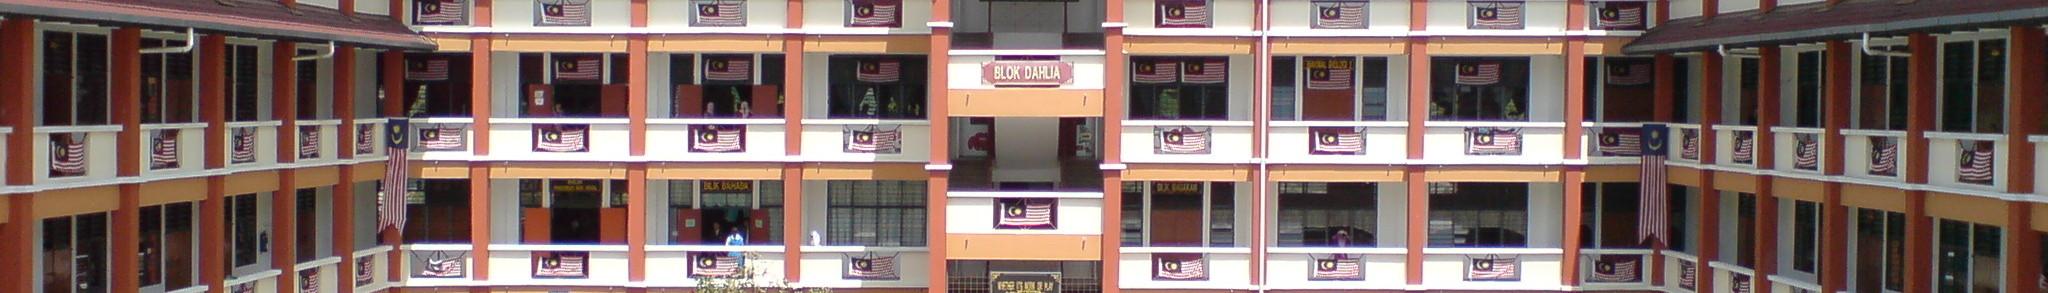 Subang Jaya – Travel guide at Wikivoyage